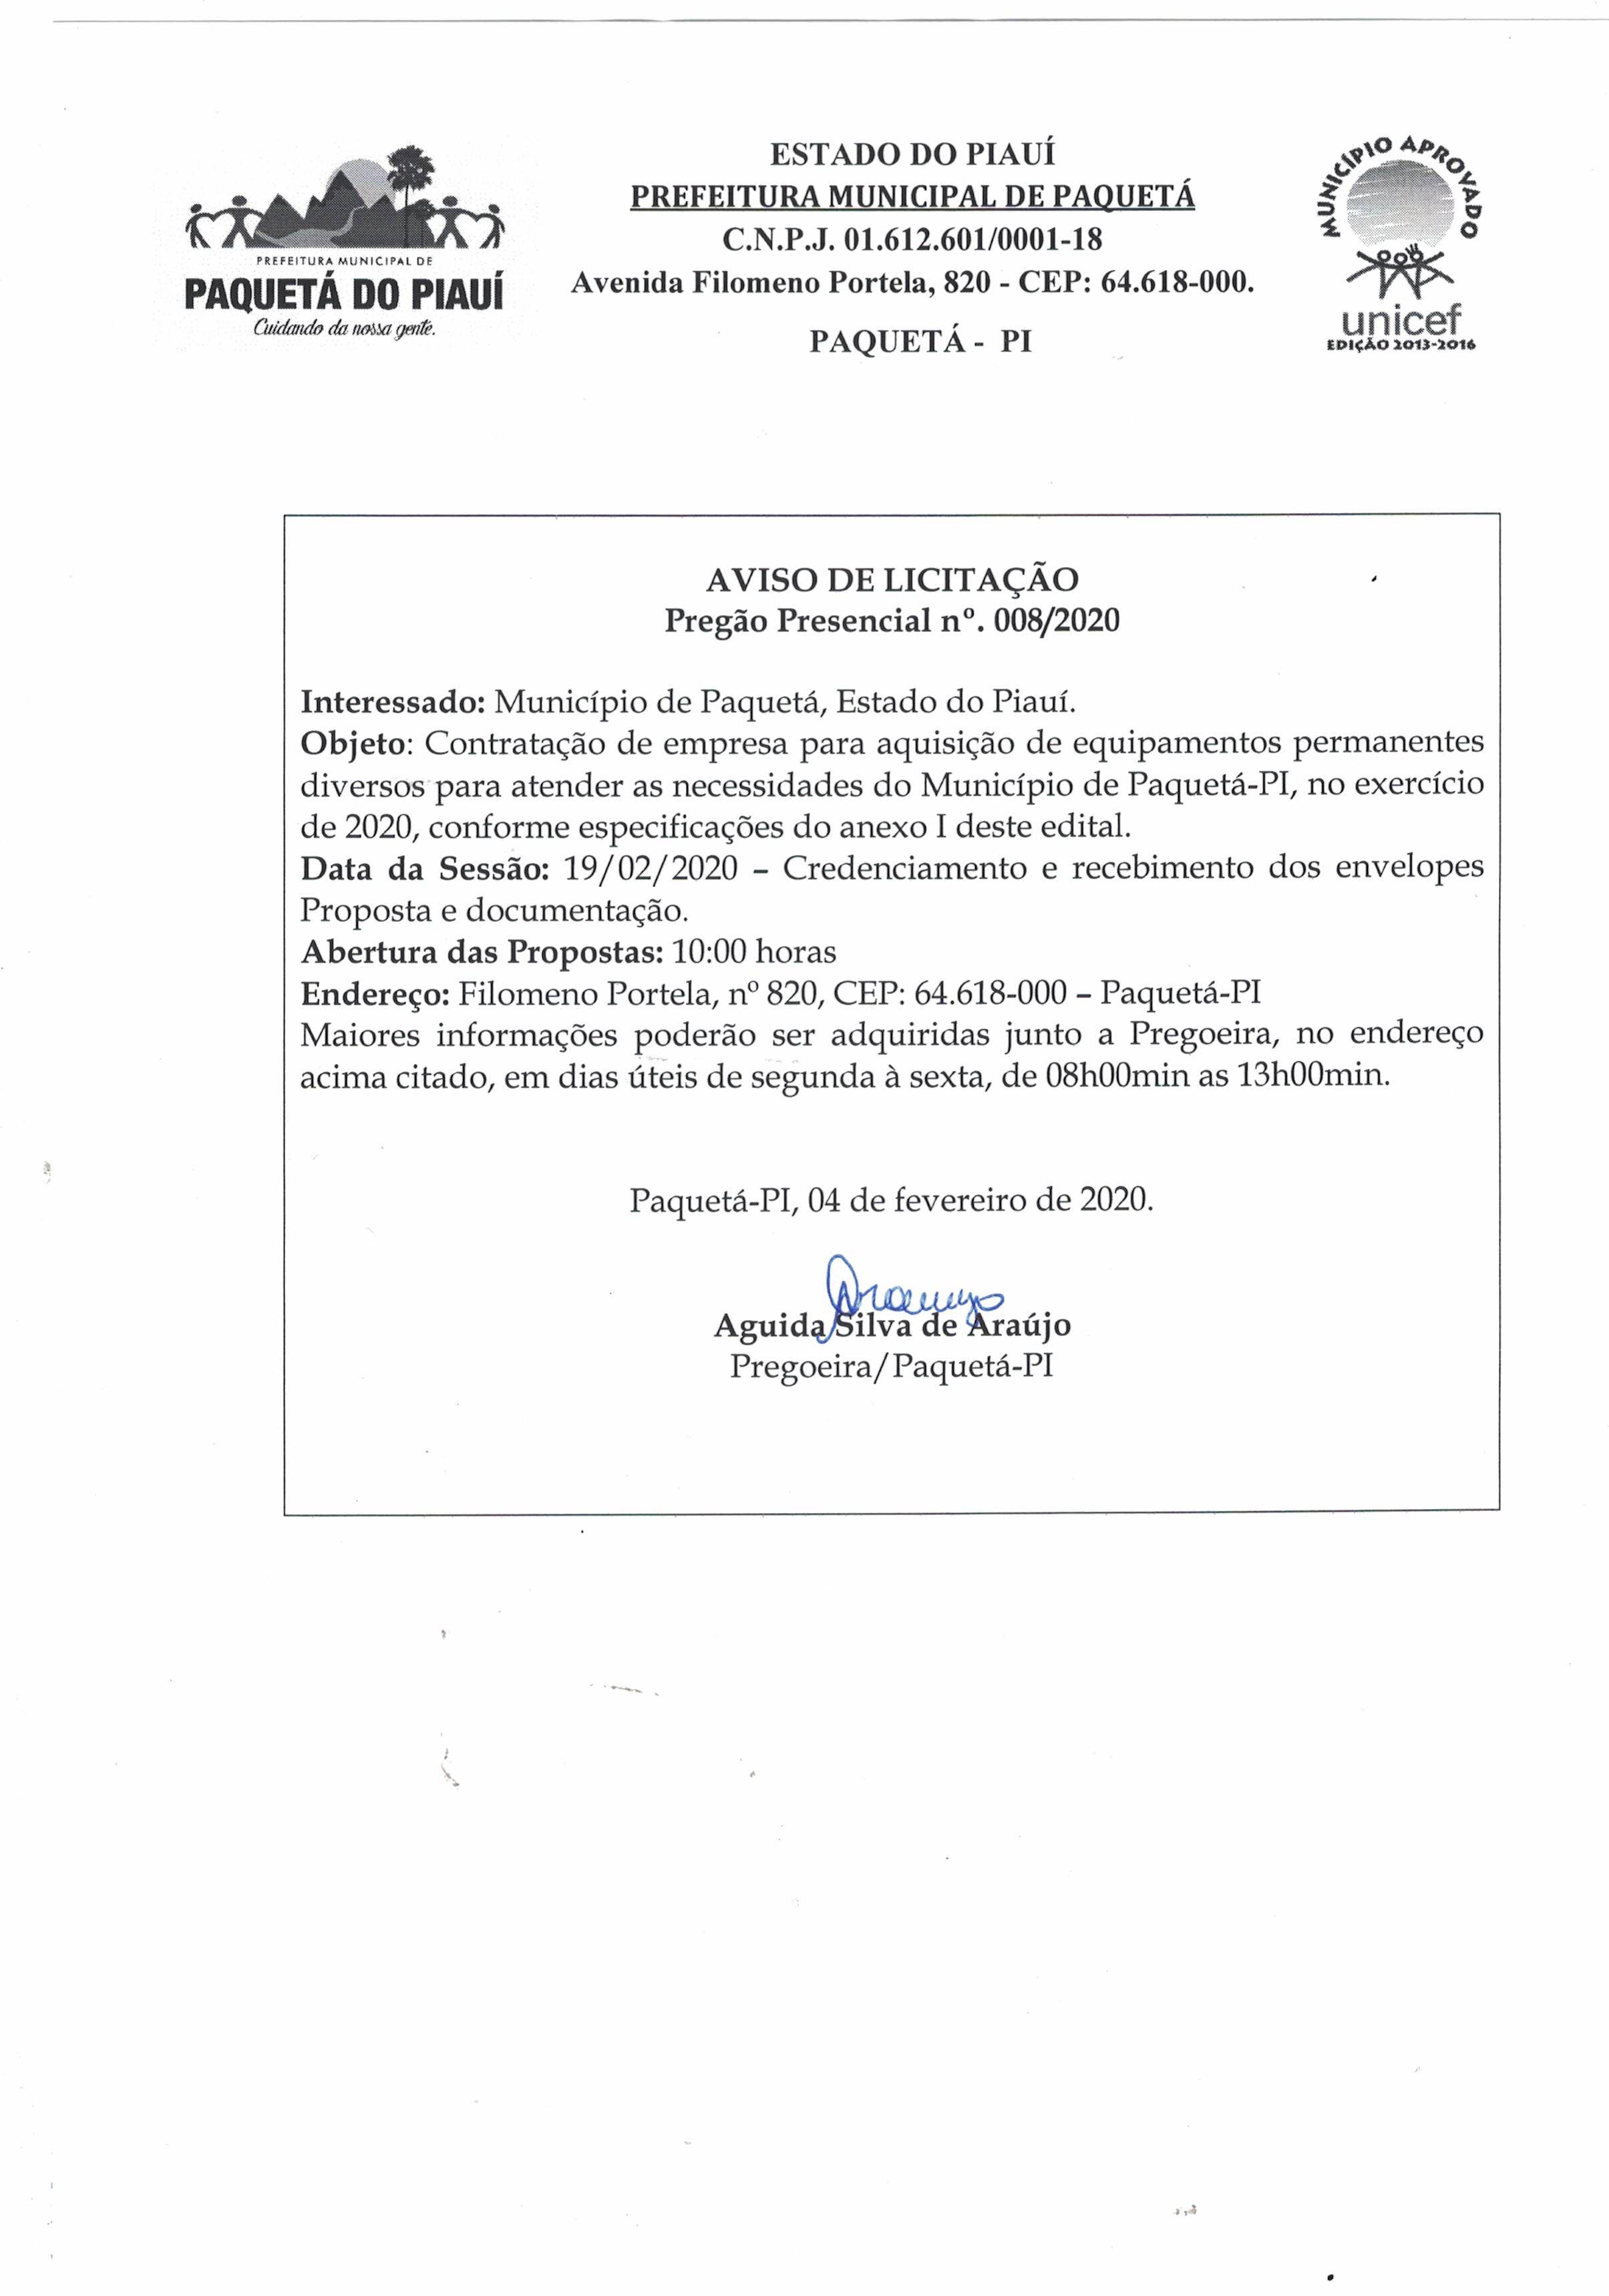 PMSP-IMG-7fe5771355eed758602.jpg